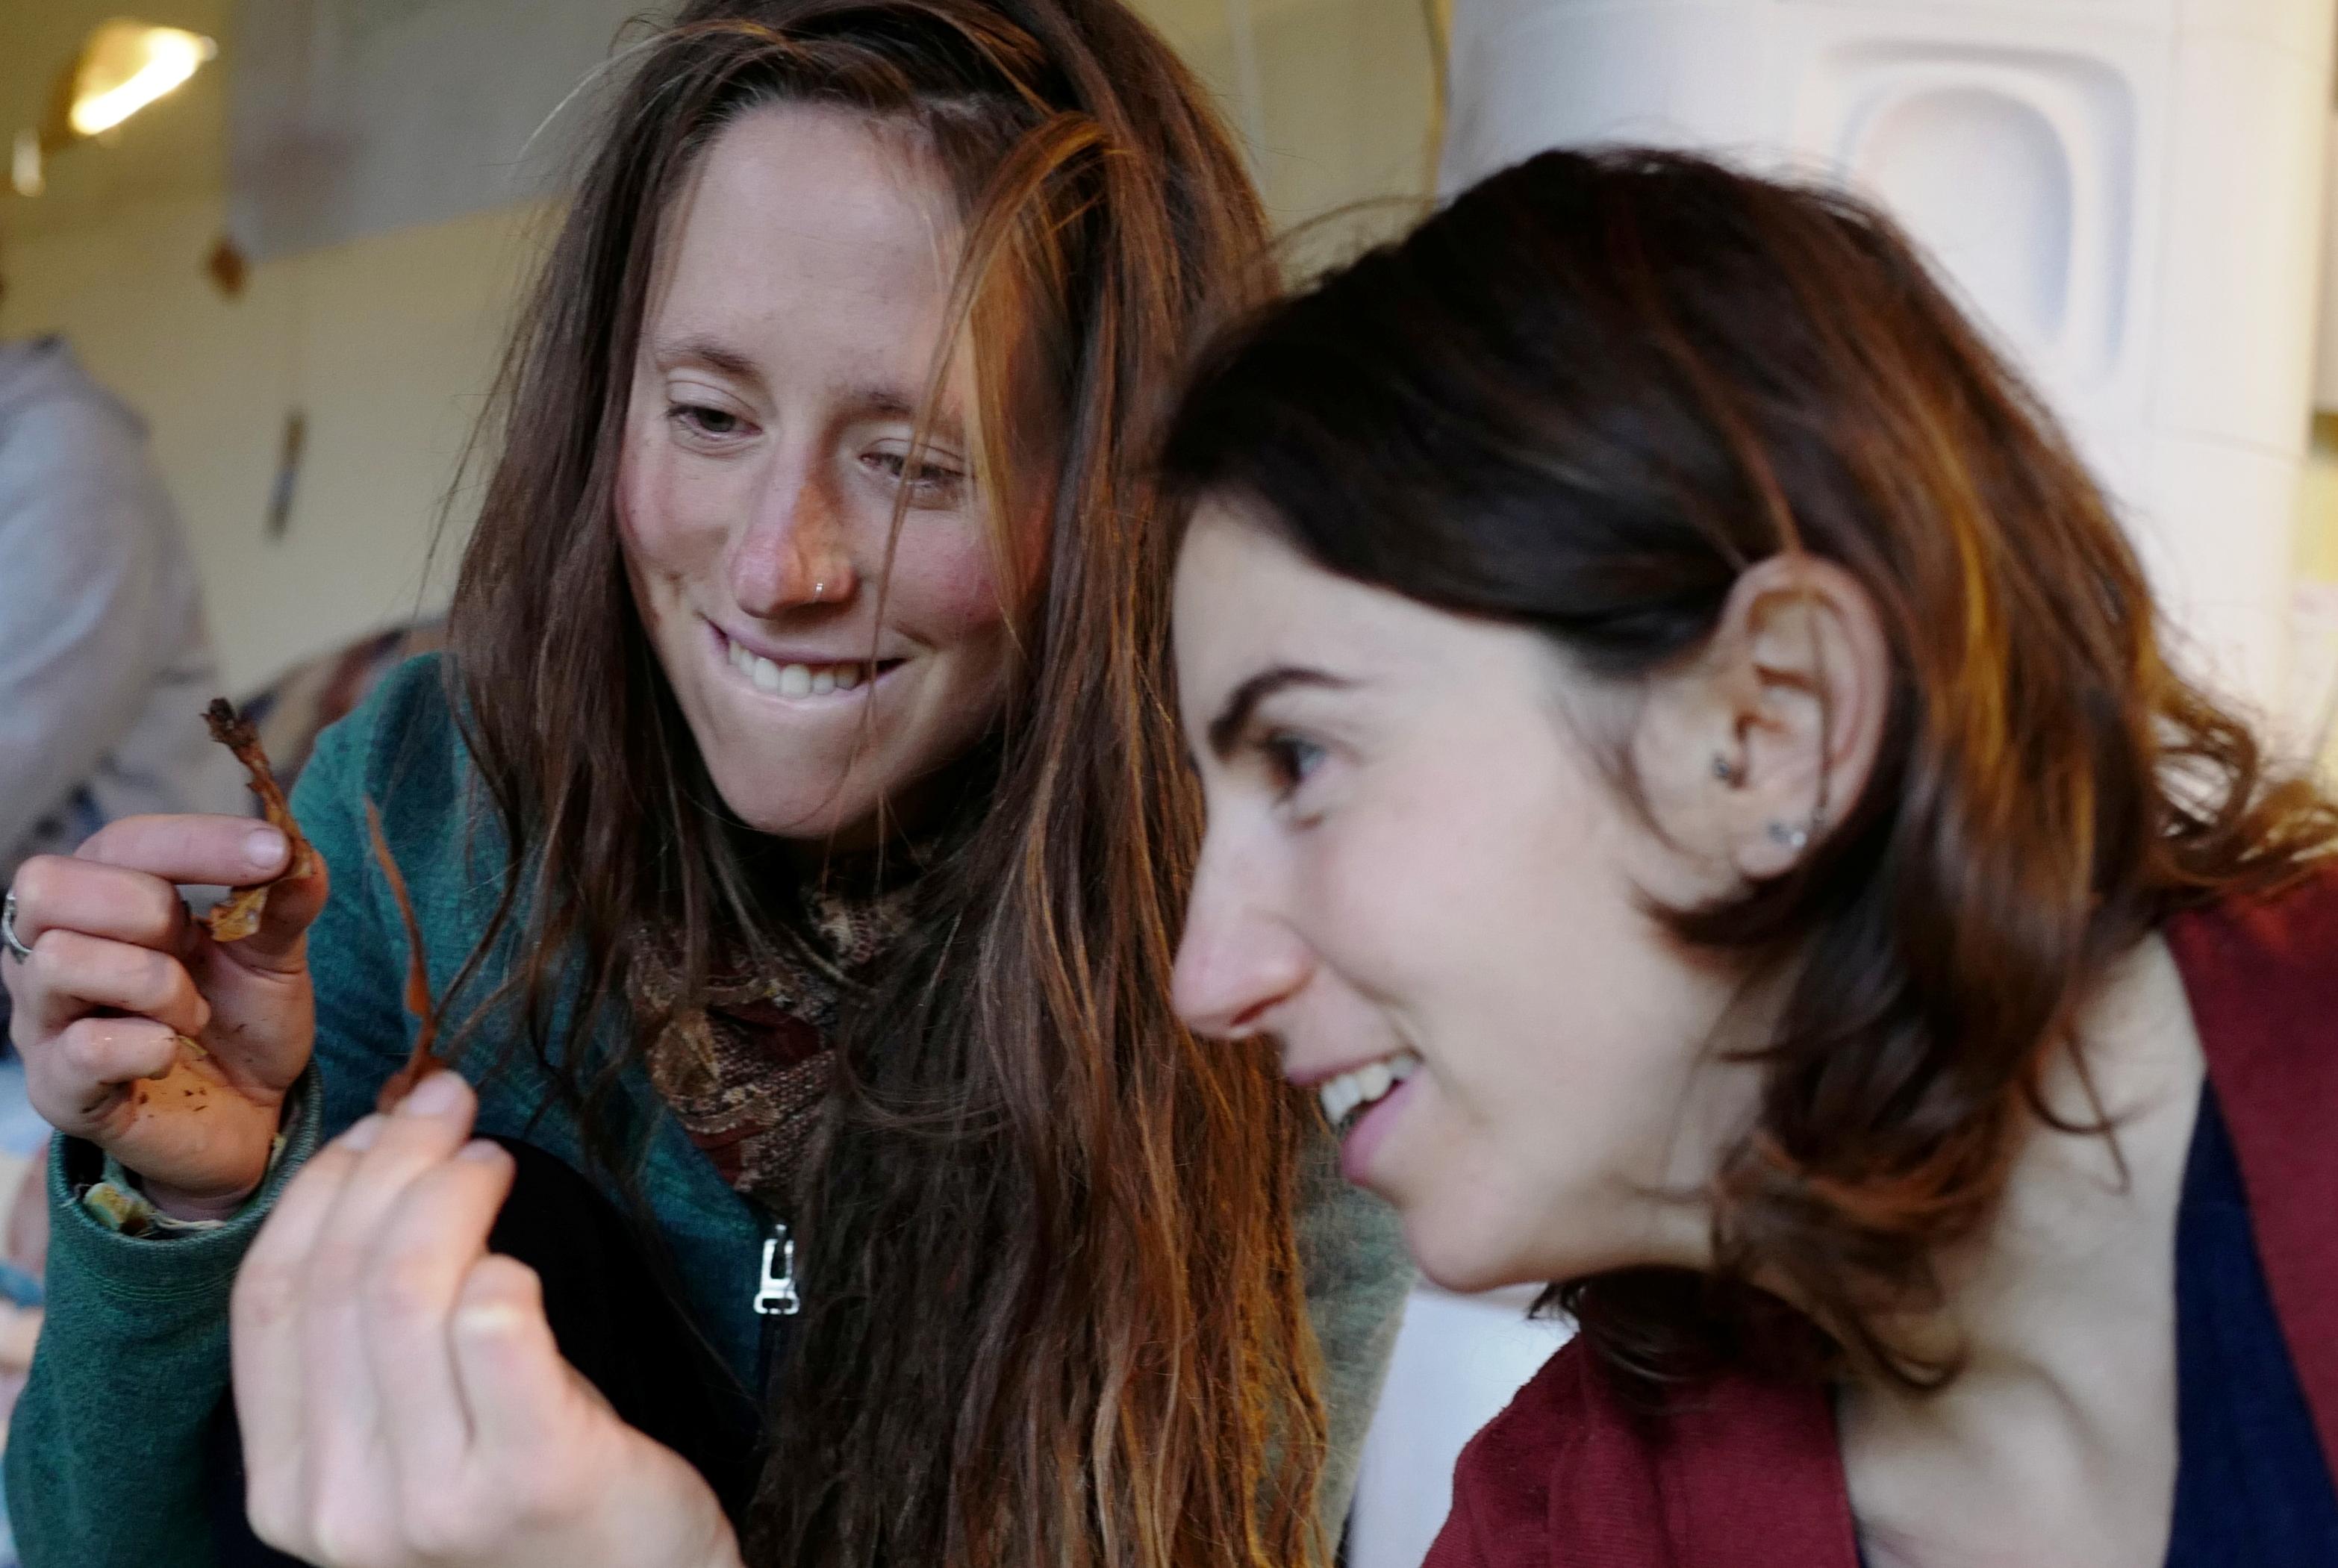 Zwei junge Frauen halten jeweils ein Blatt von einer Pflanze zwischen ihren Fingern und betrachten ihr jeweiliges begeistert